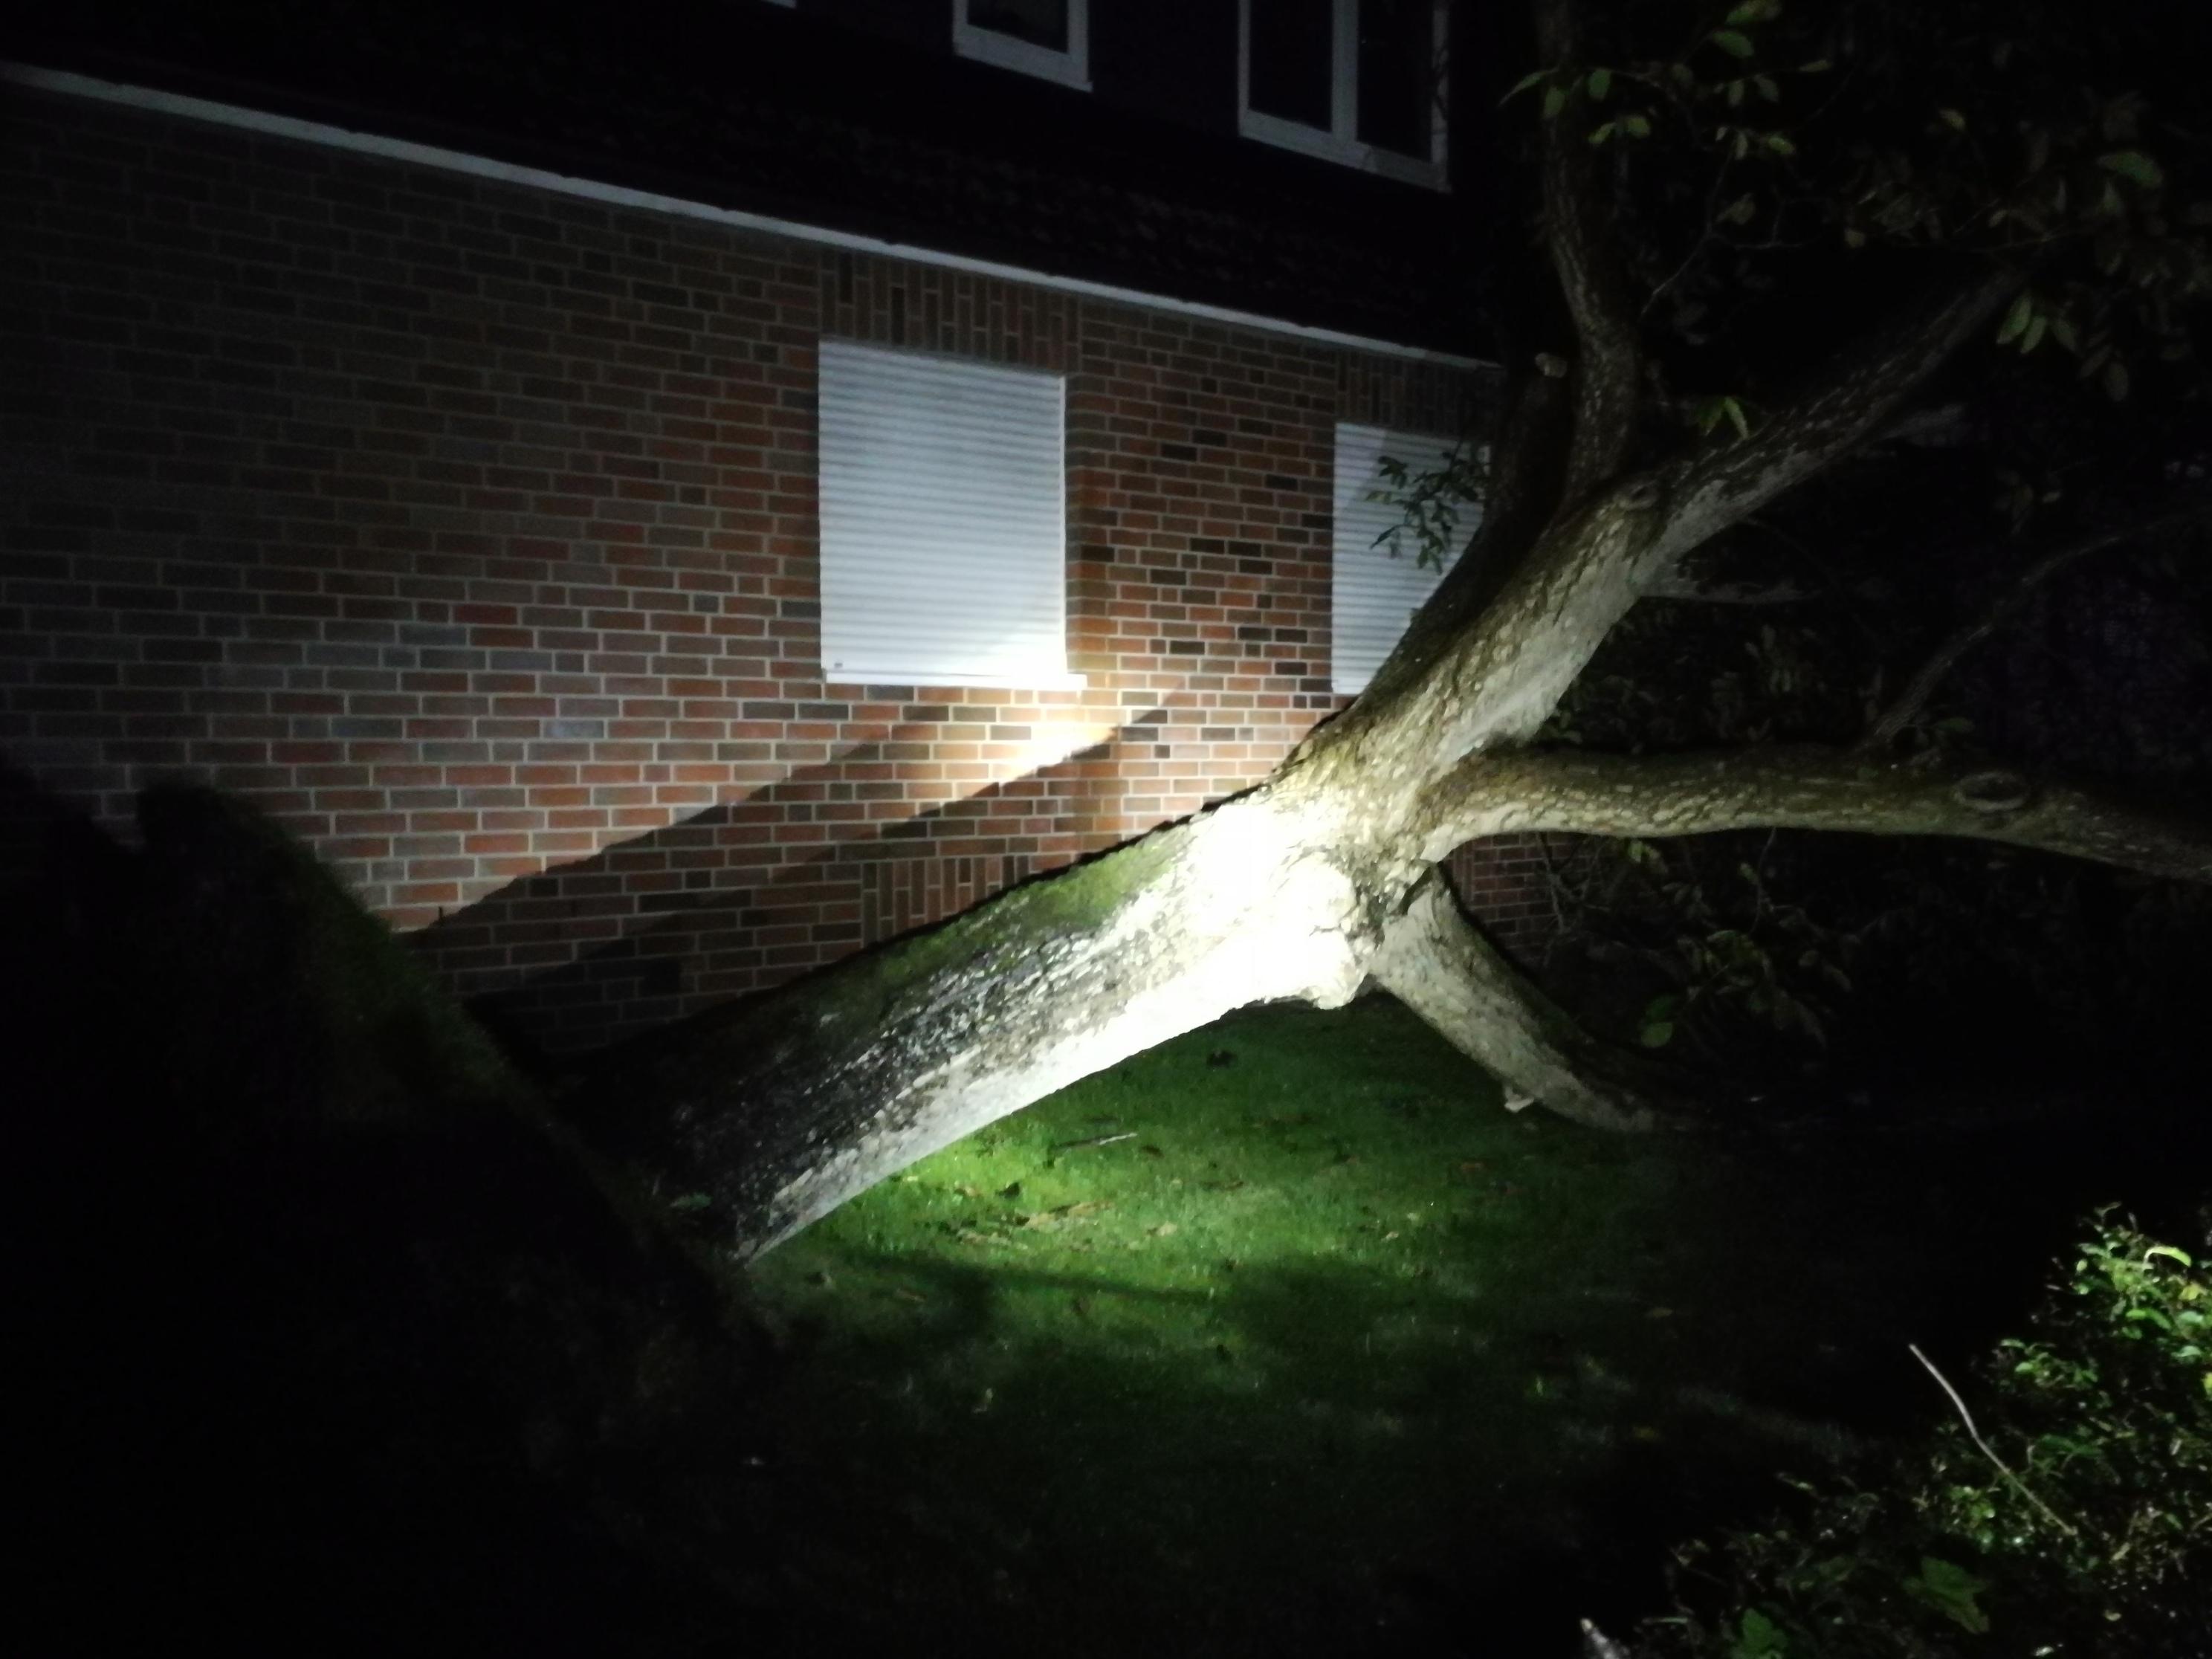 277. Hilfeleistung -- Baum auf Gehweg